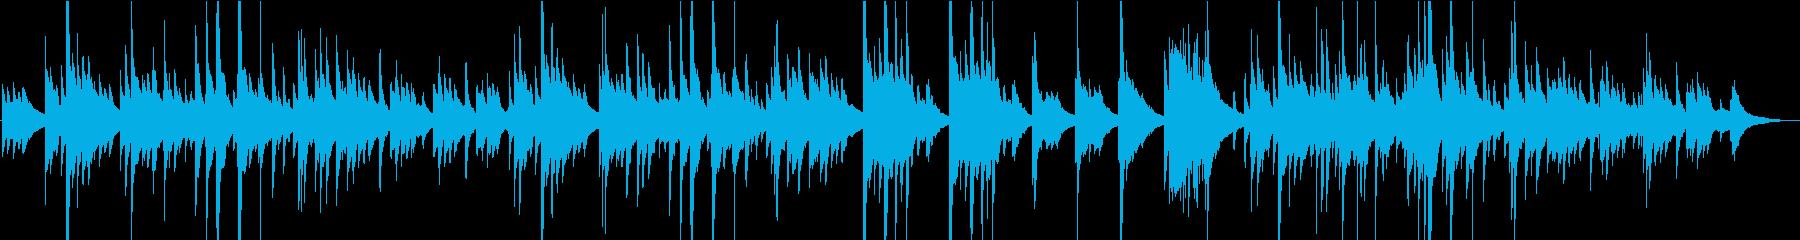 アコースティックギター2台の静かな曲の再生済みの波形